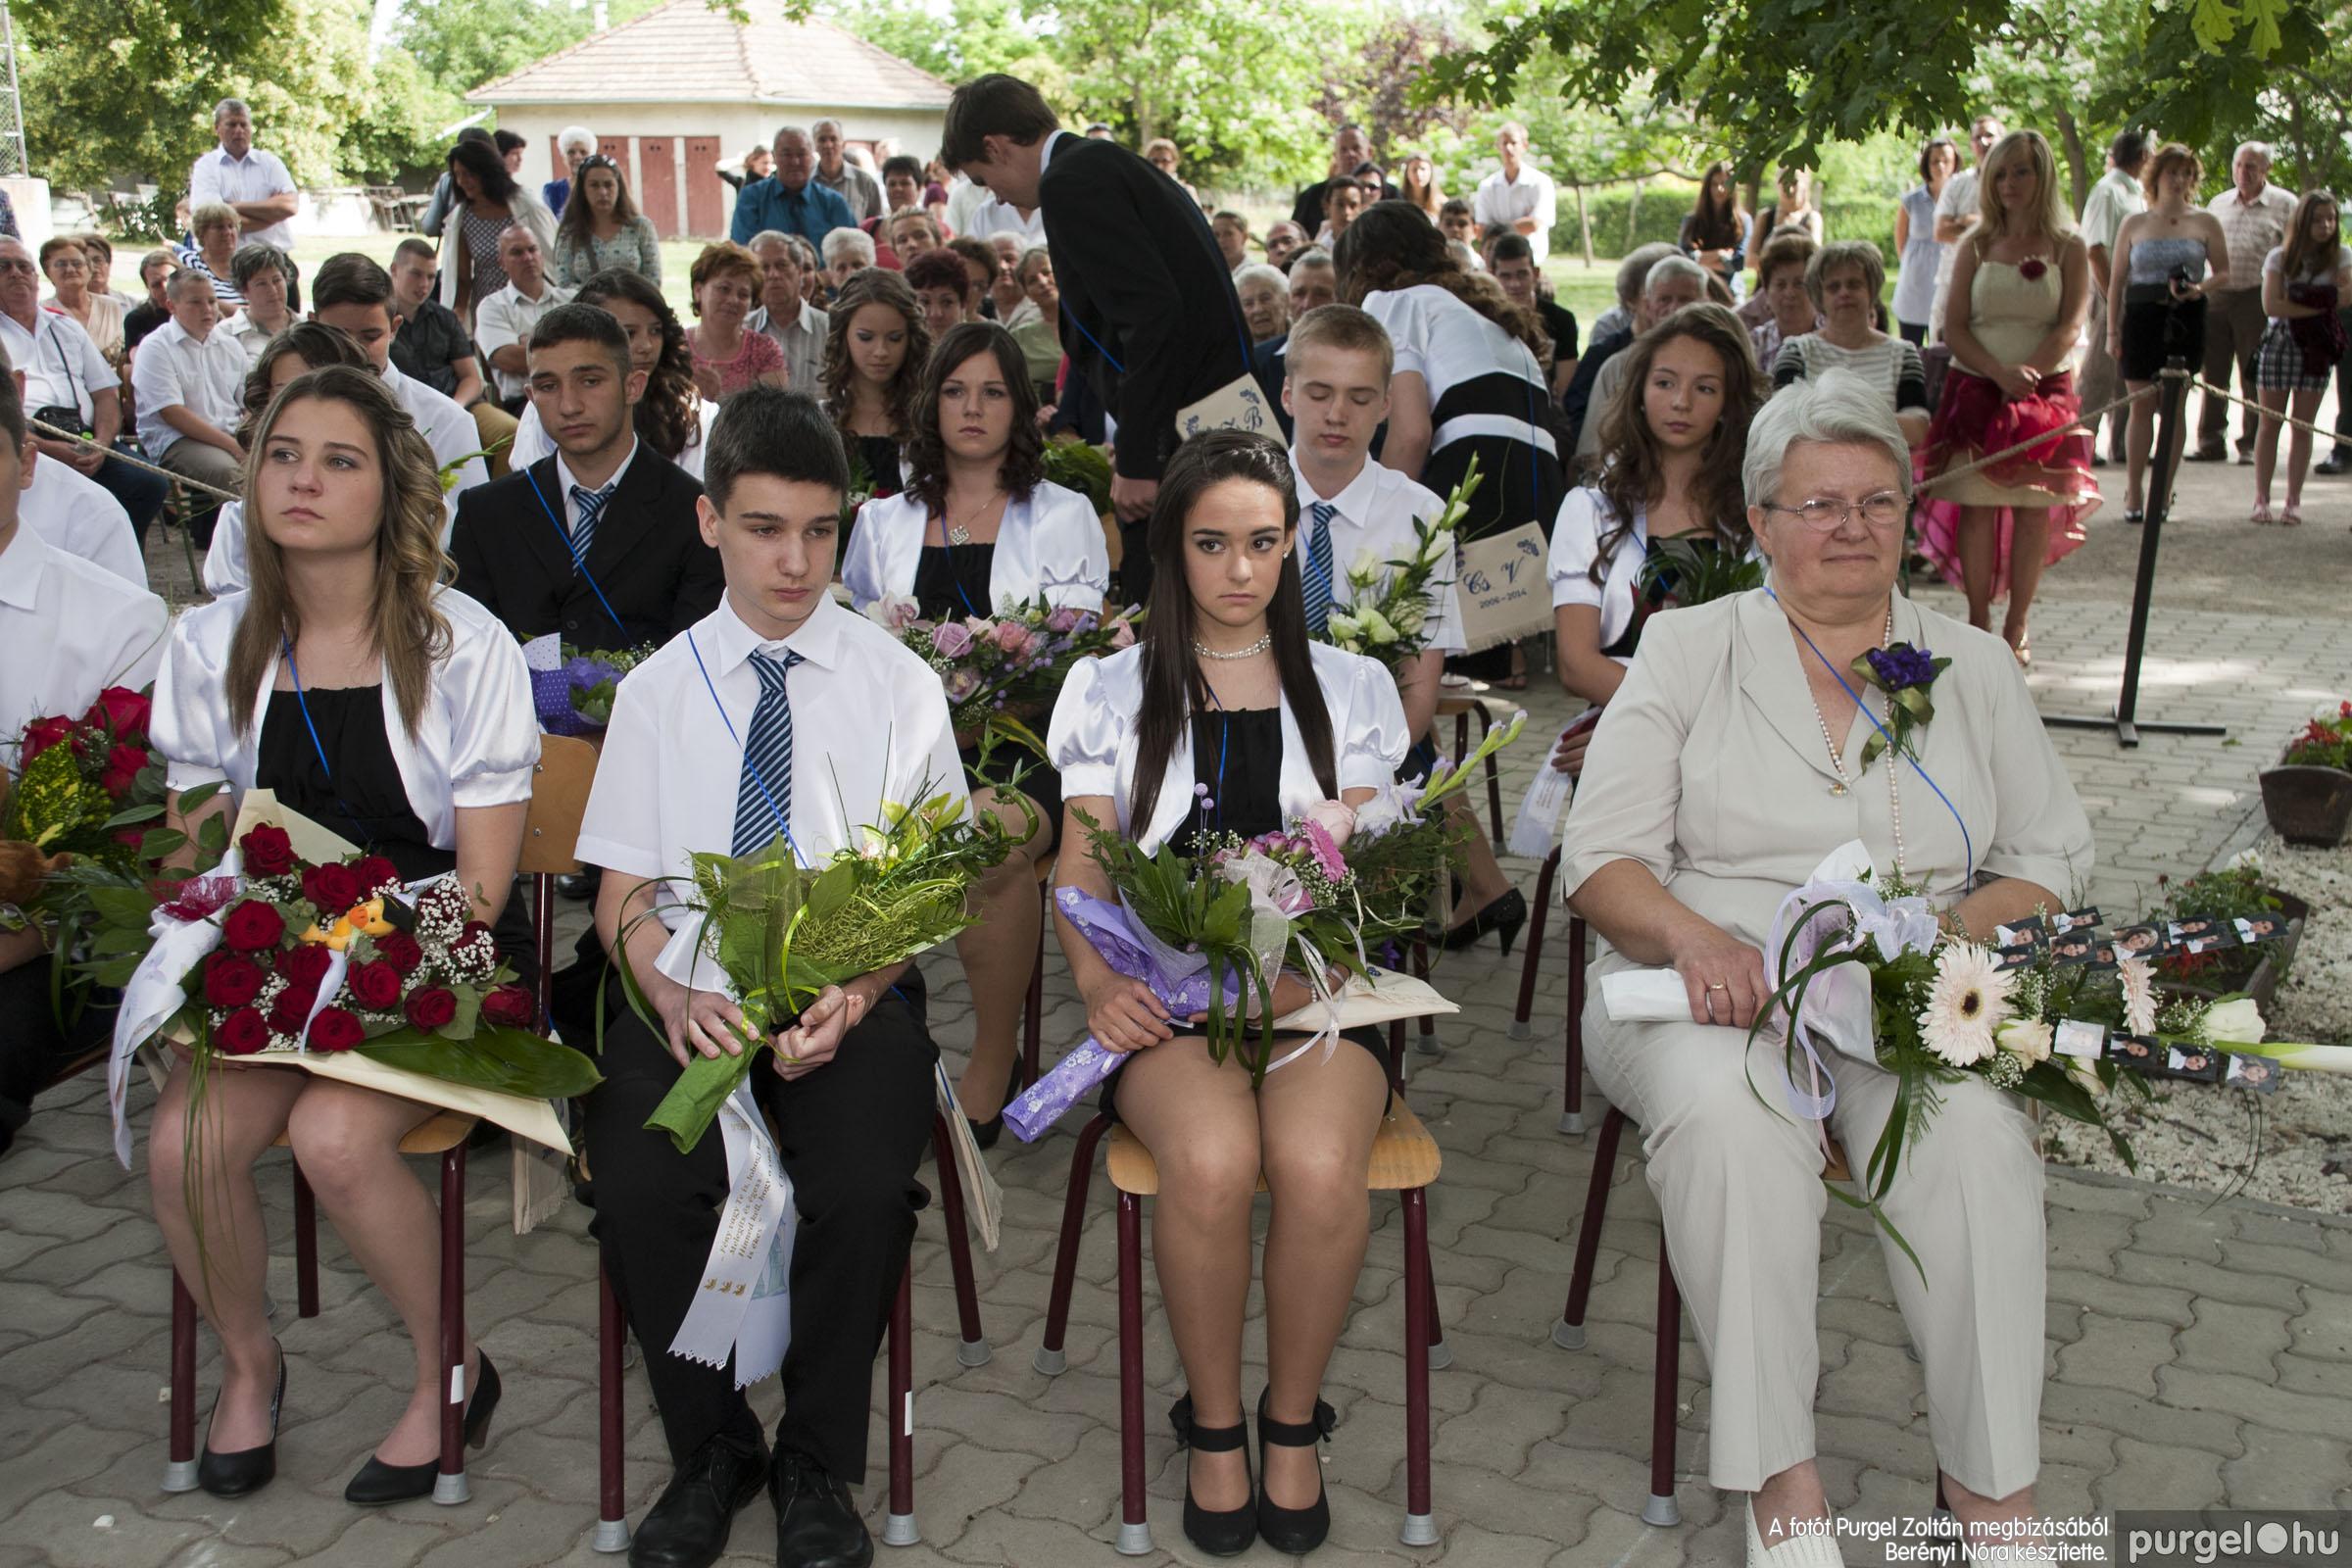 2014.06.14. 179 Forray Máté Általános Iskola ballagás 2014. - Fotó:BERÉNYI NÓRA© _MG_5802.jpg